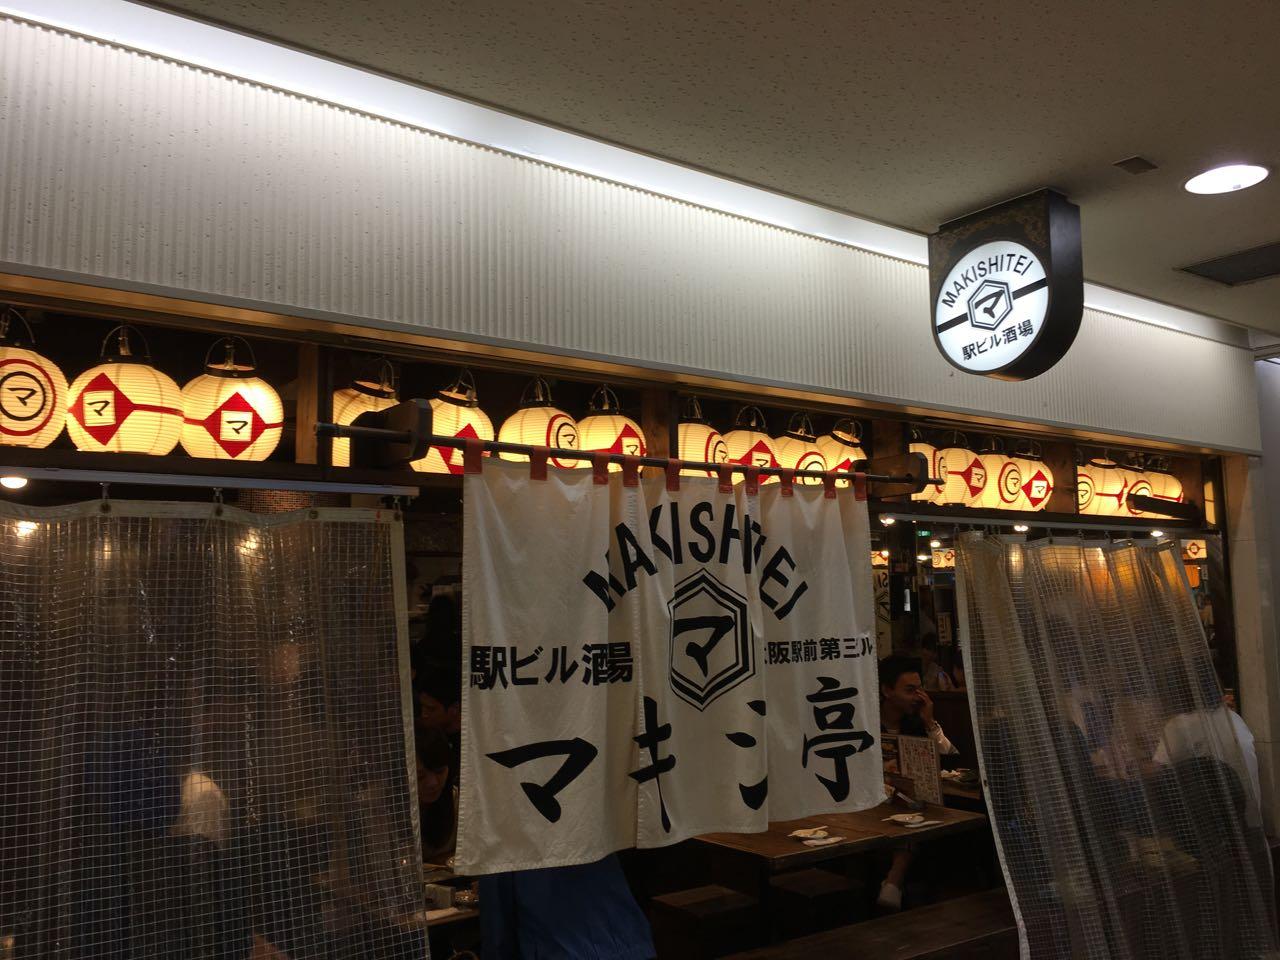 マキシ亭大阪駅前第3ビルで世界のビールを楽しんだよ